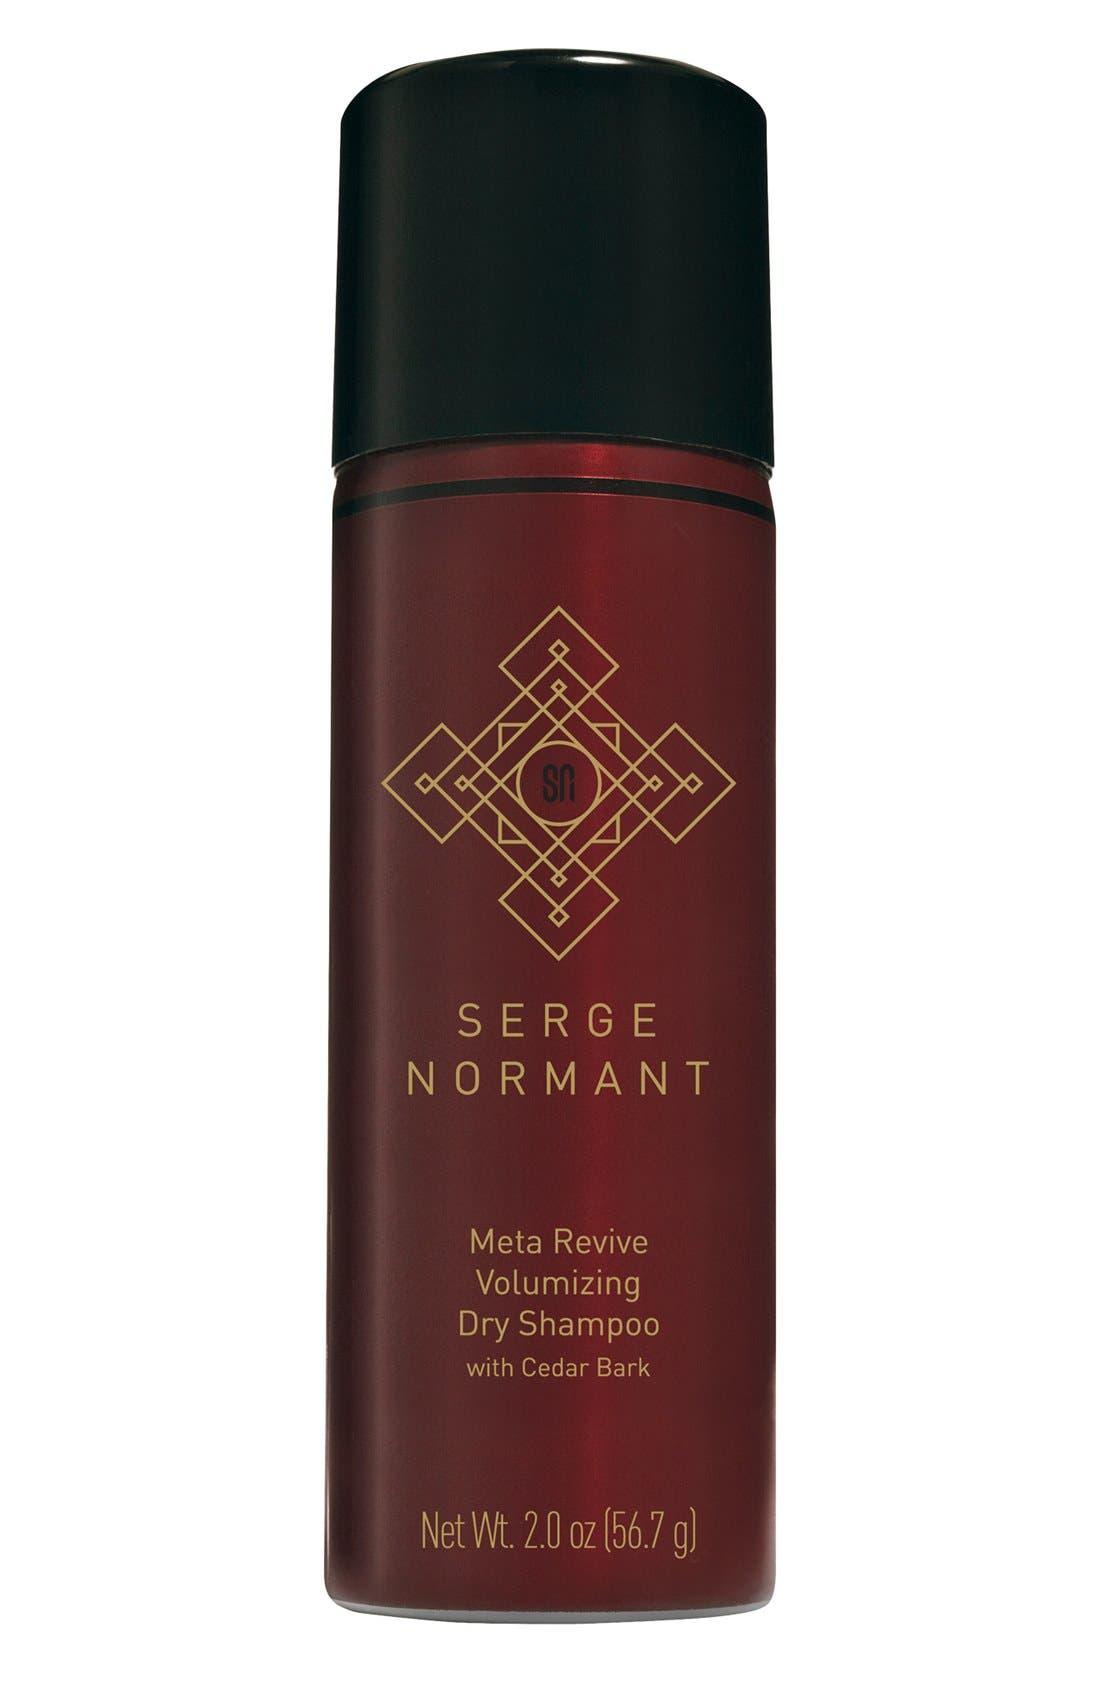 Serge Normant 'Meta Revive Volumizing' Mini Dry Shampoo